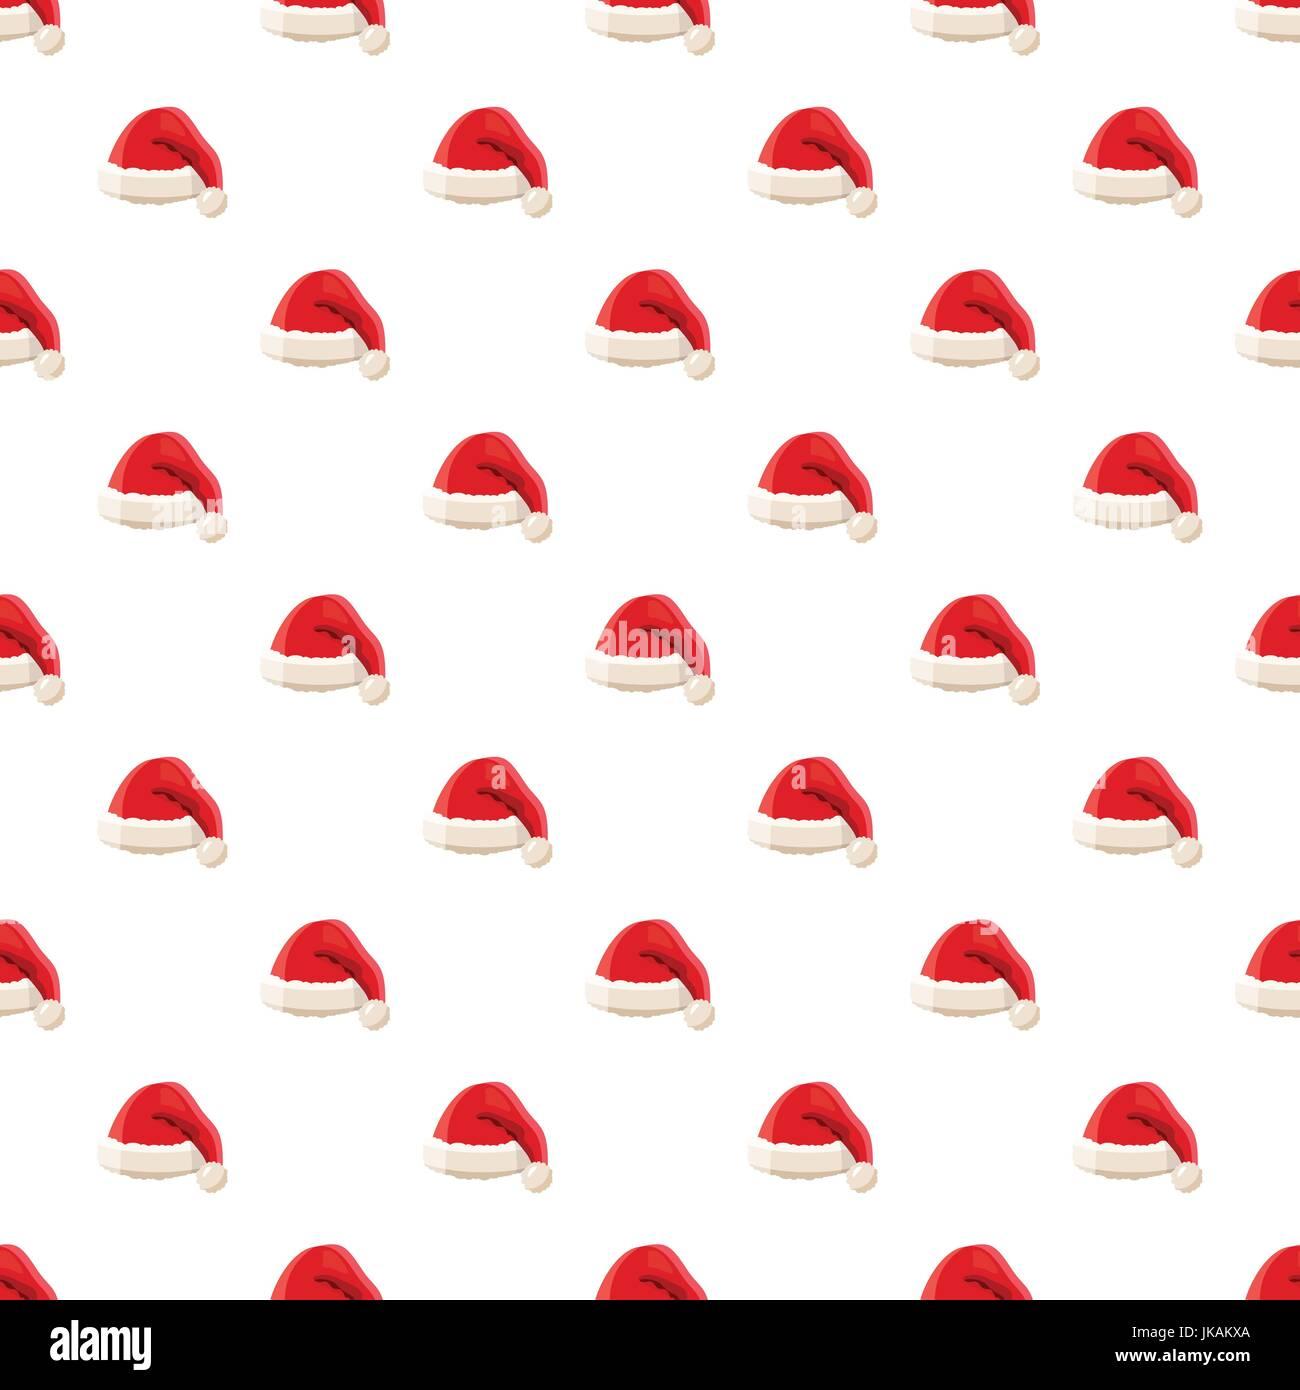 Red Santa Claus hat pattern - Stock Image